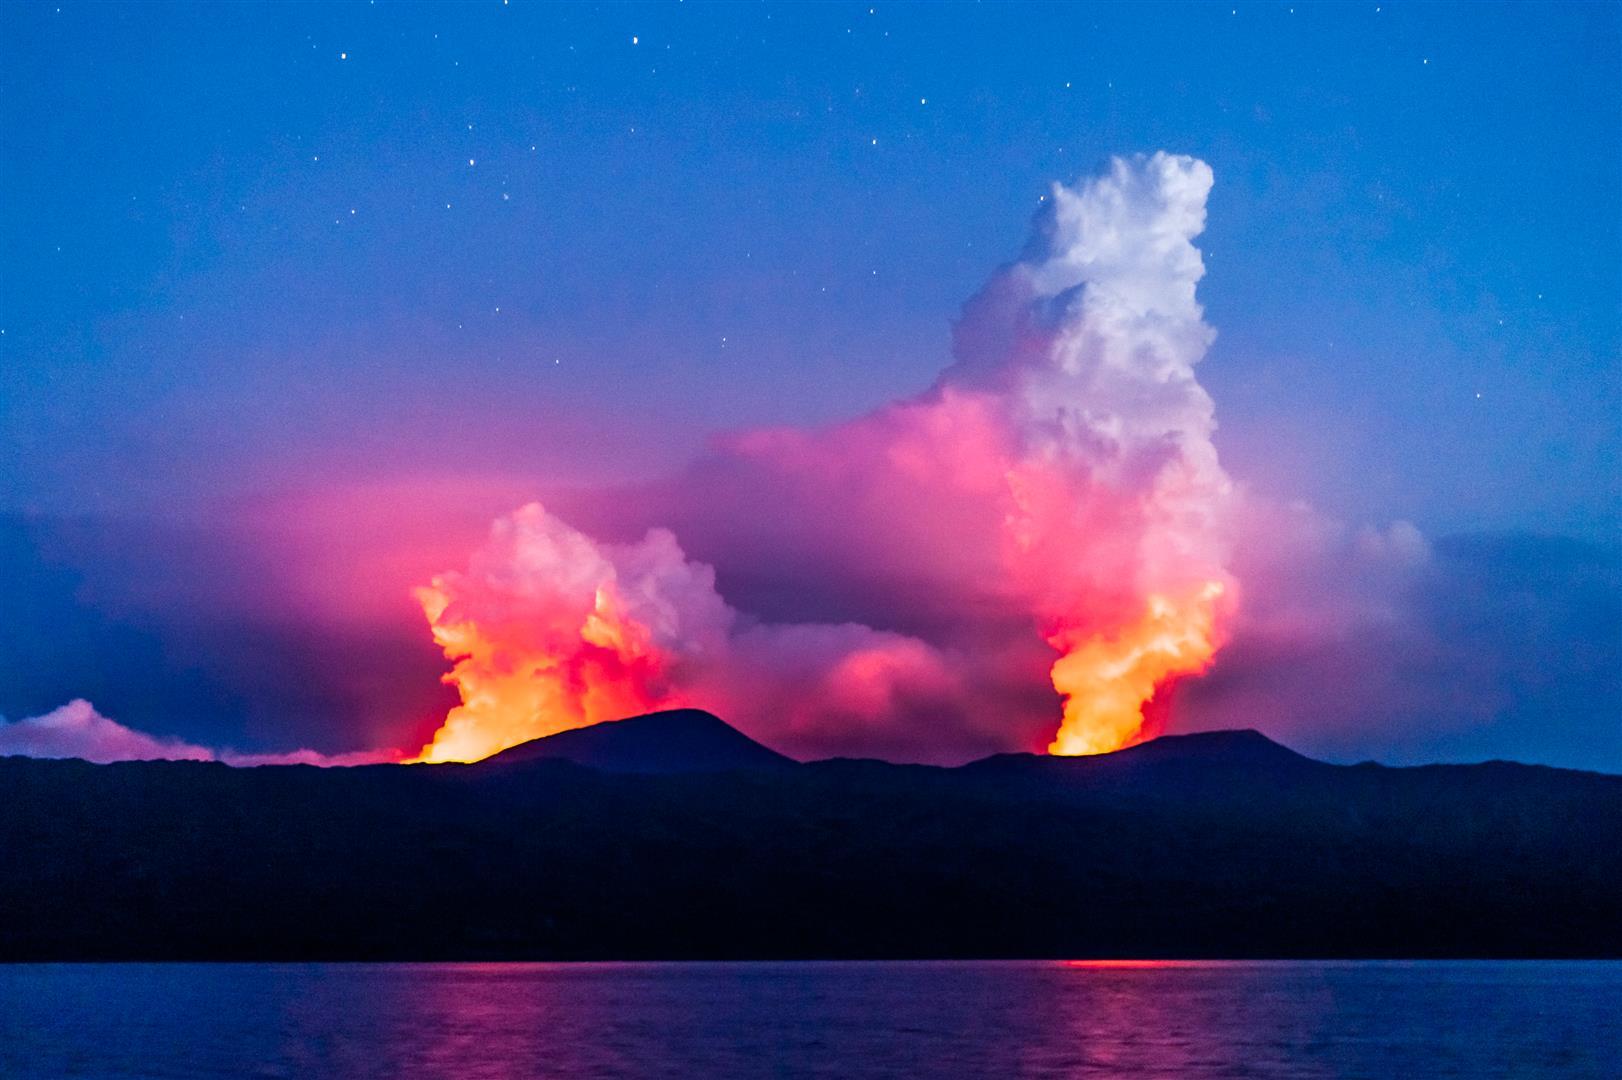 Ambrym 2 Eruptionssäulen 29.03. Georg Steeger (1)